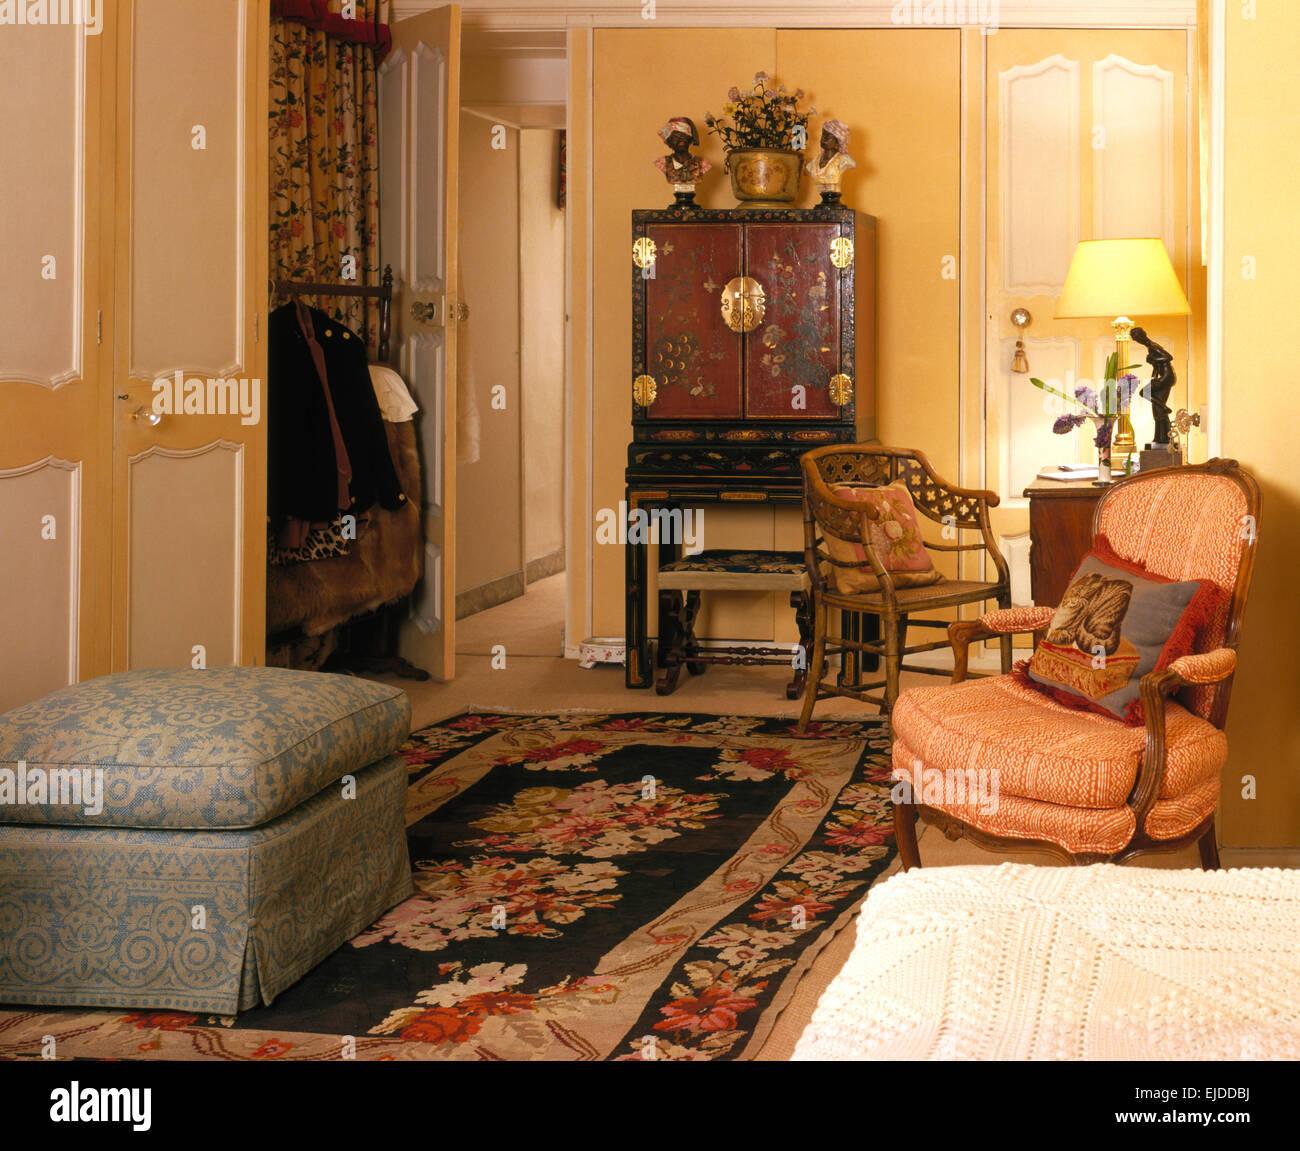 Camera Matrimoniale Stile Antico.Imbottiti E Ottomano Cinese Antico Armadio In Camera Da Letto